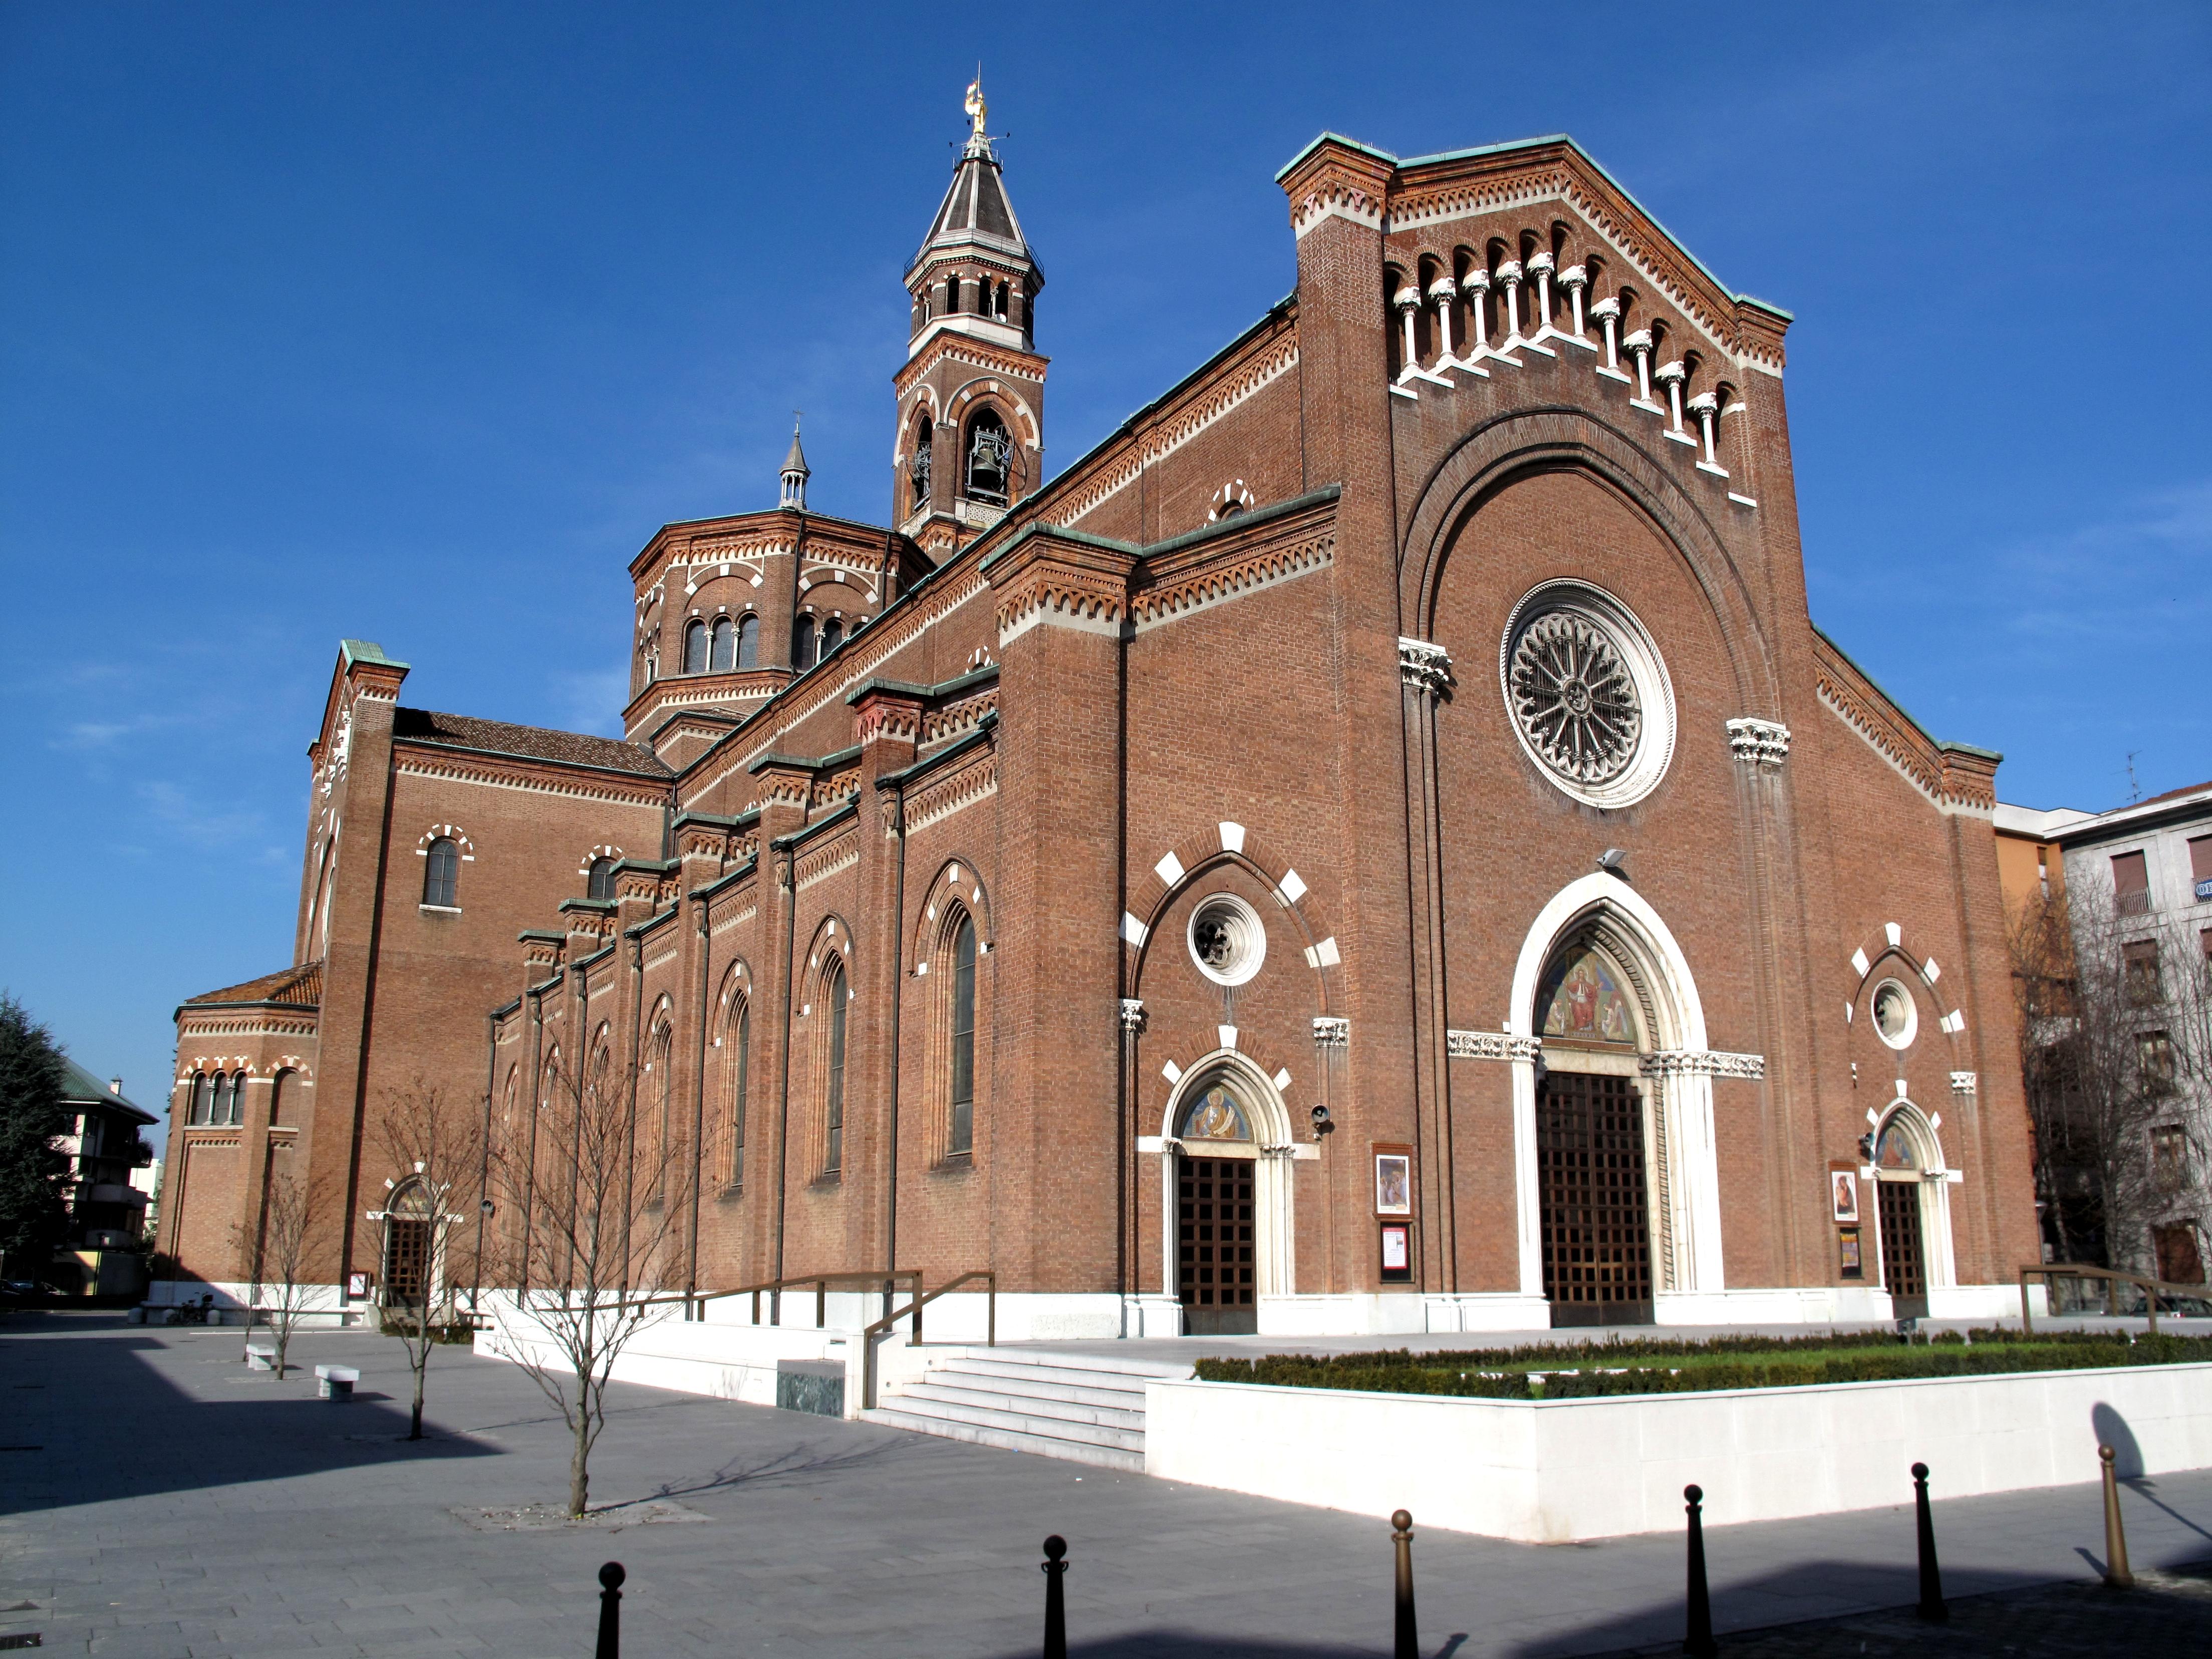 Monza e brianza driving lombardia - La casa della cameretta lissone ...